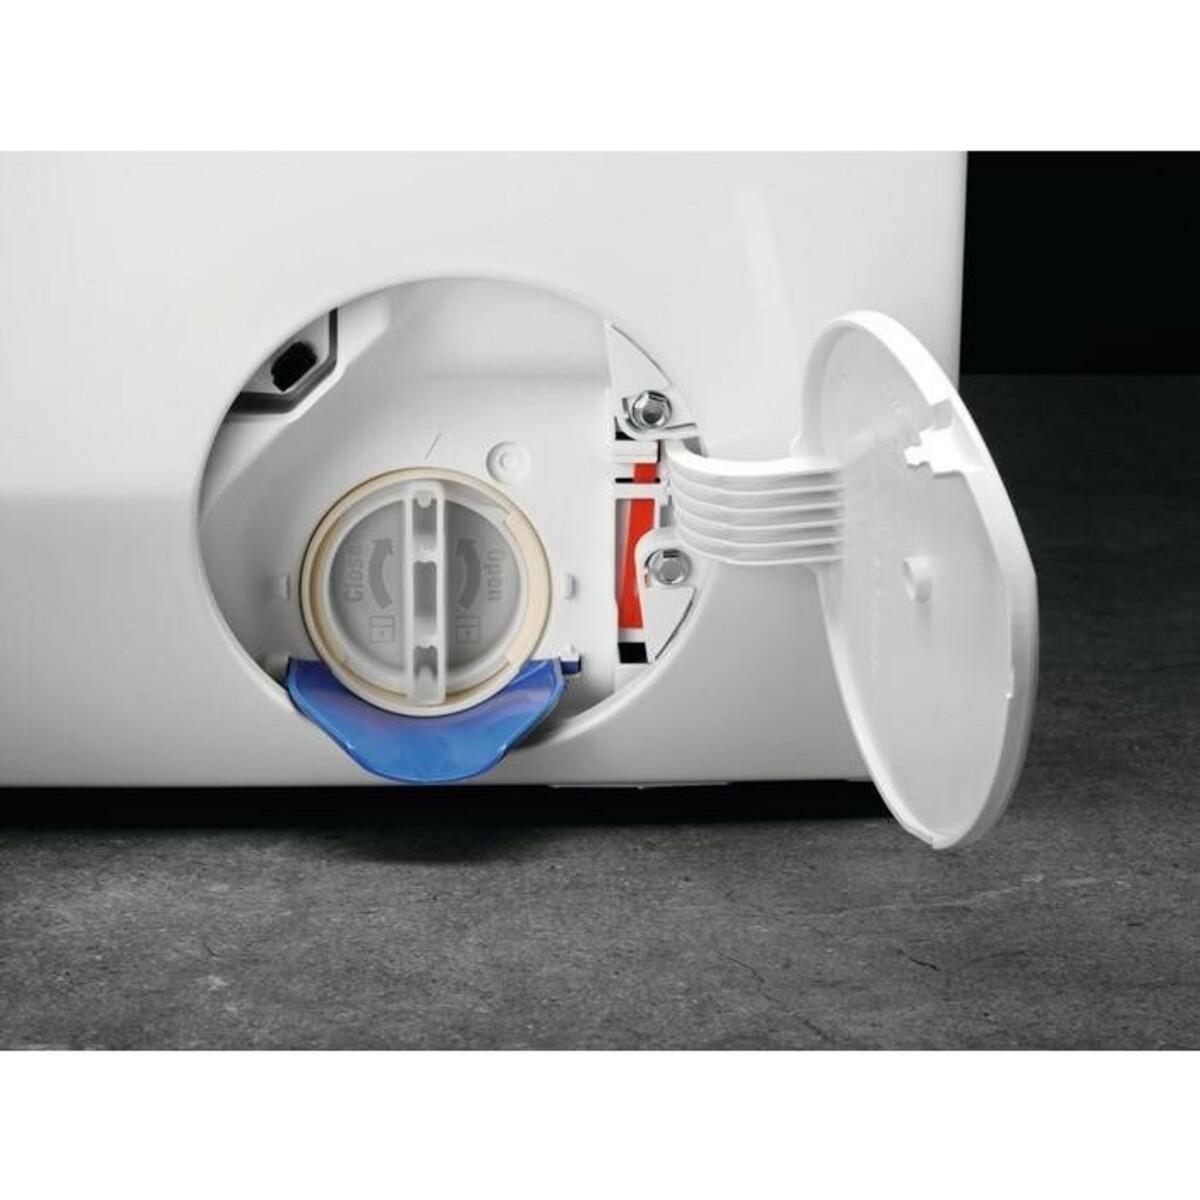 Bild 5 von AEG LAVAMAT KOMBI L7WB65689 Waschtrockner (EEK A, Öko-Inverter, Steam, Dampf, nonstop)